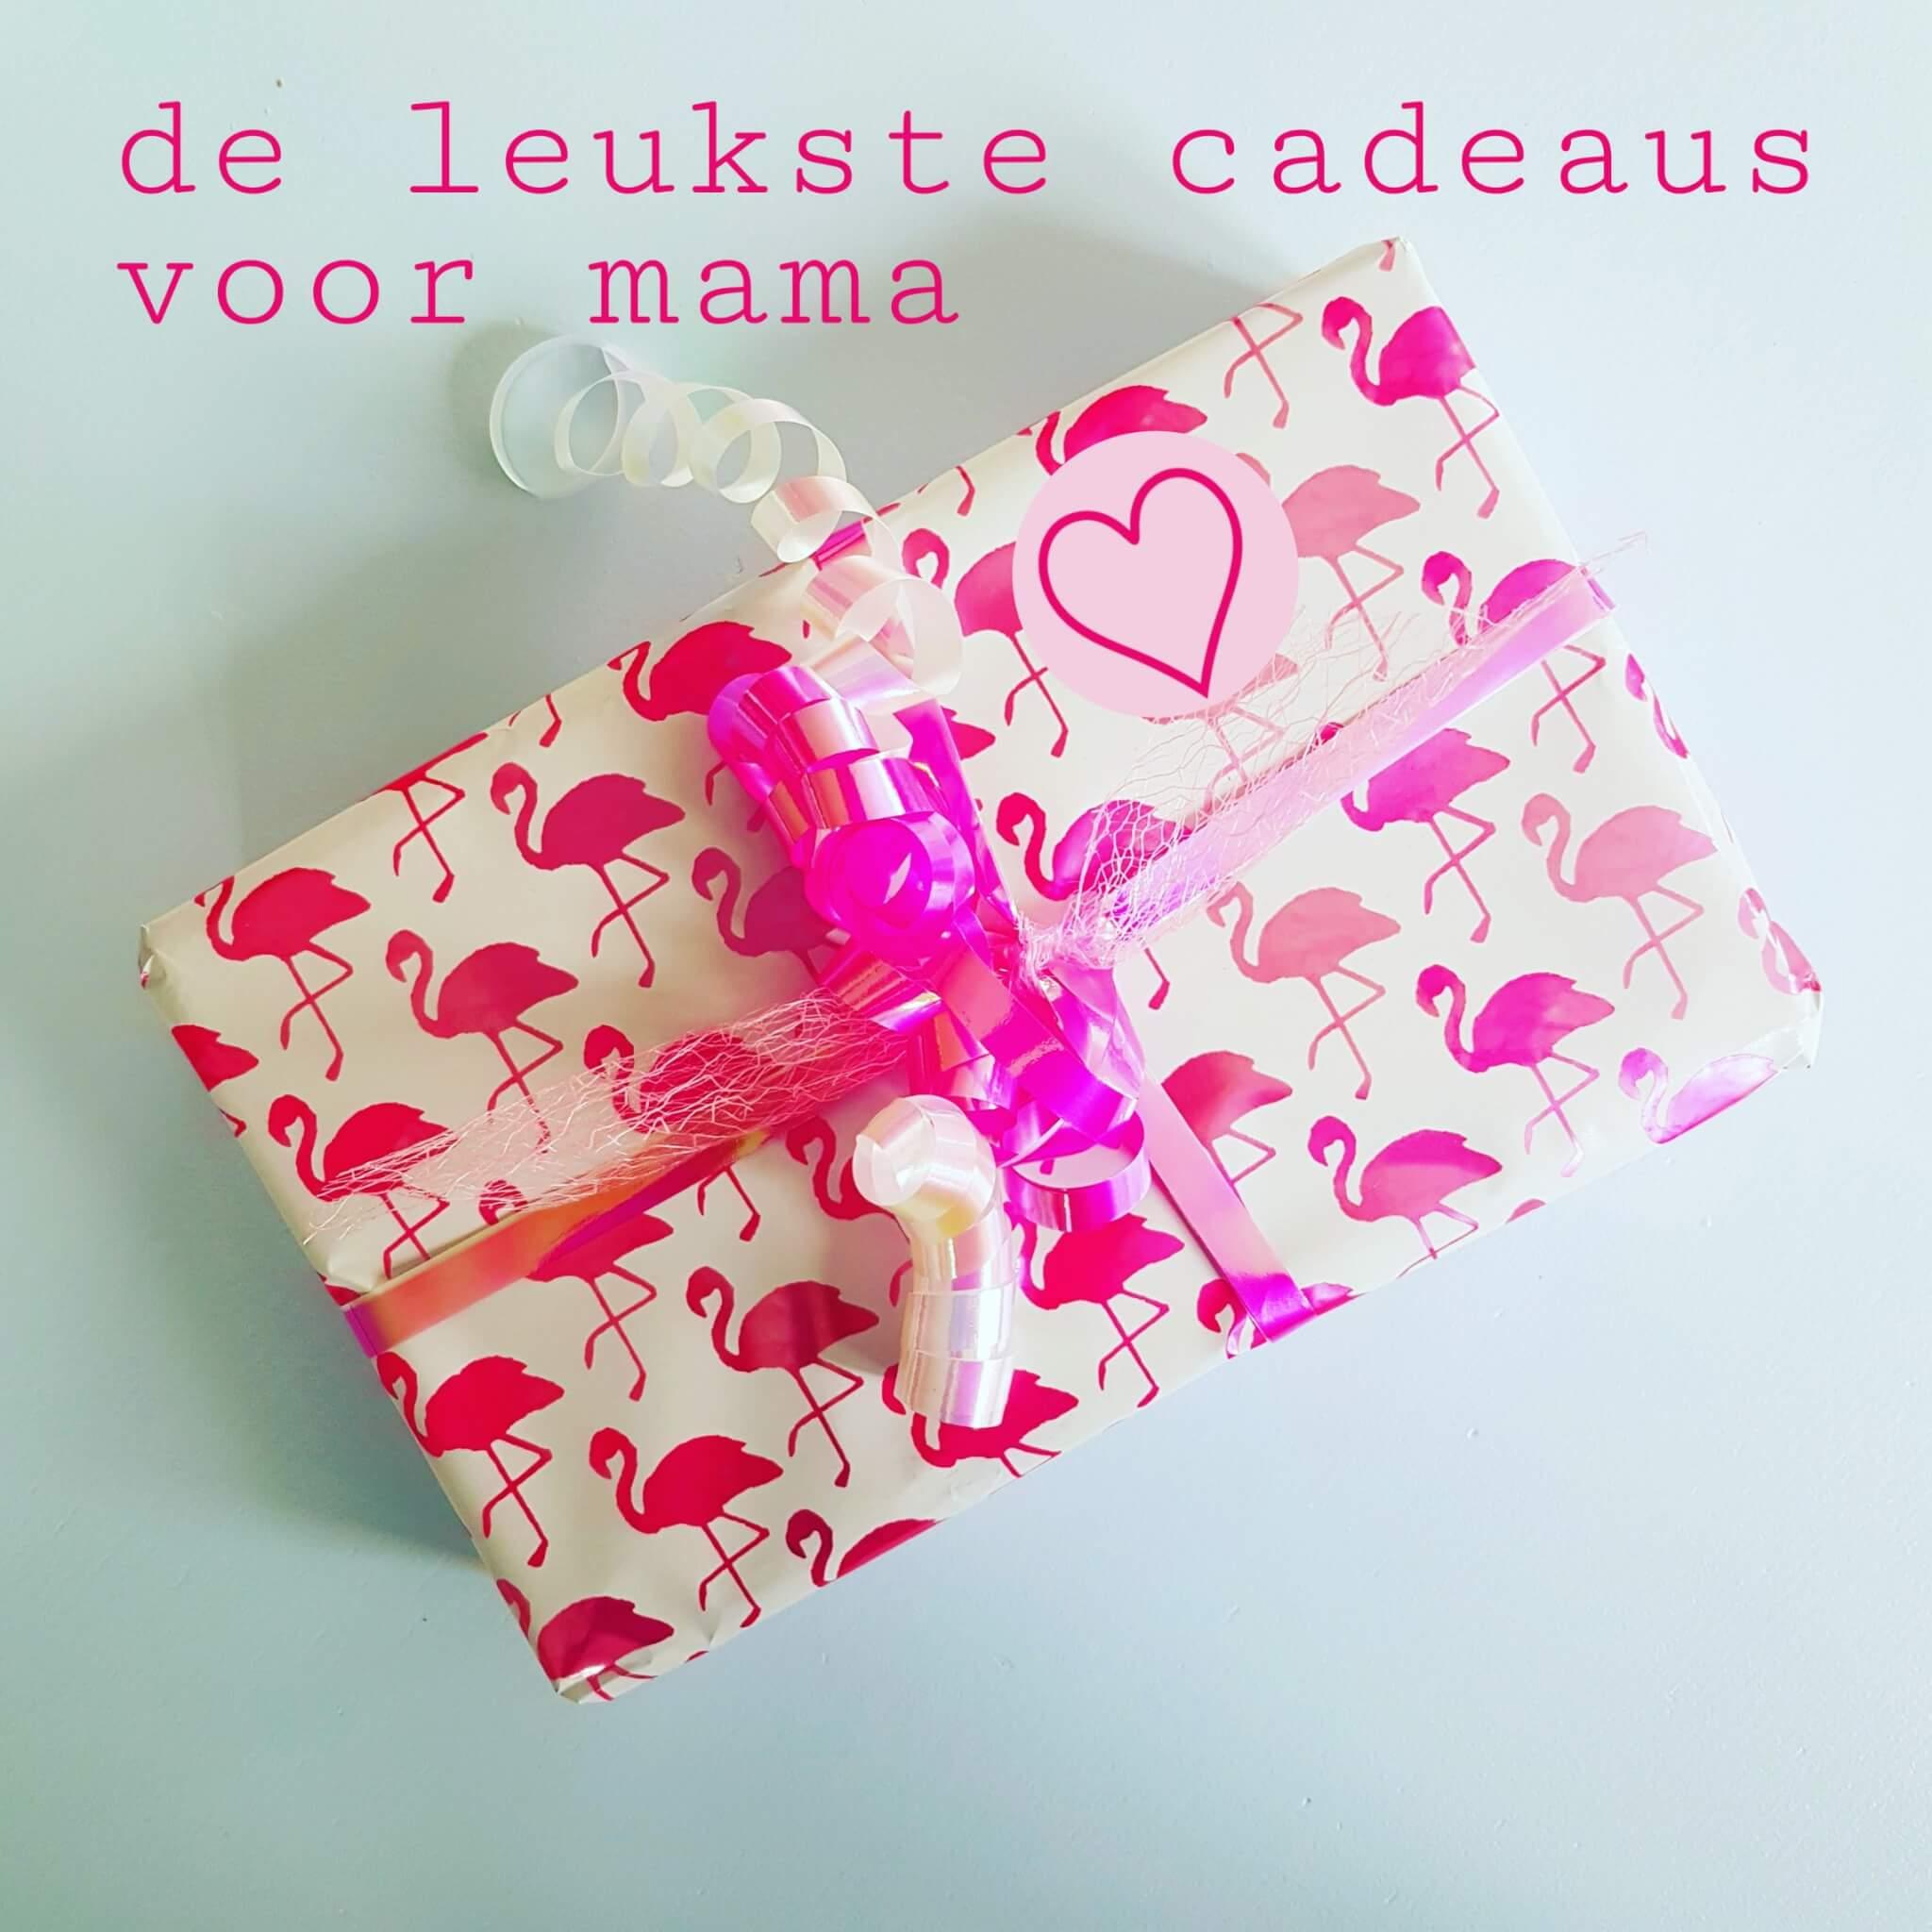 De leukste cadeautips voor vrouwen: wat voor cadeau koop je voor mama?